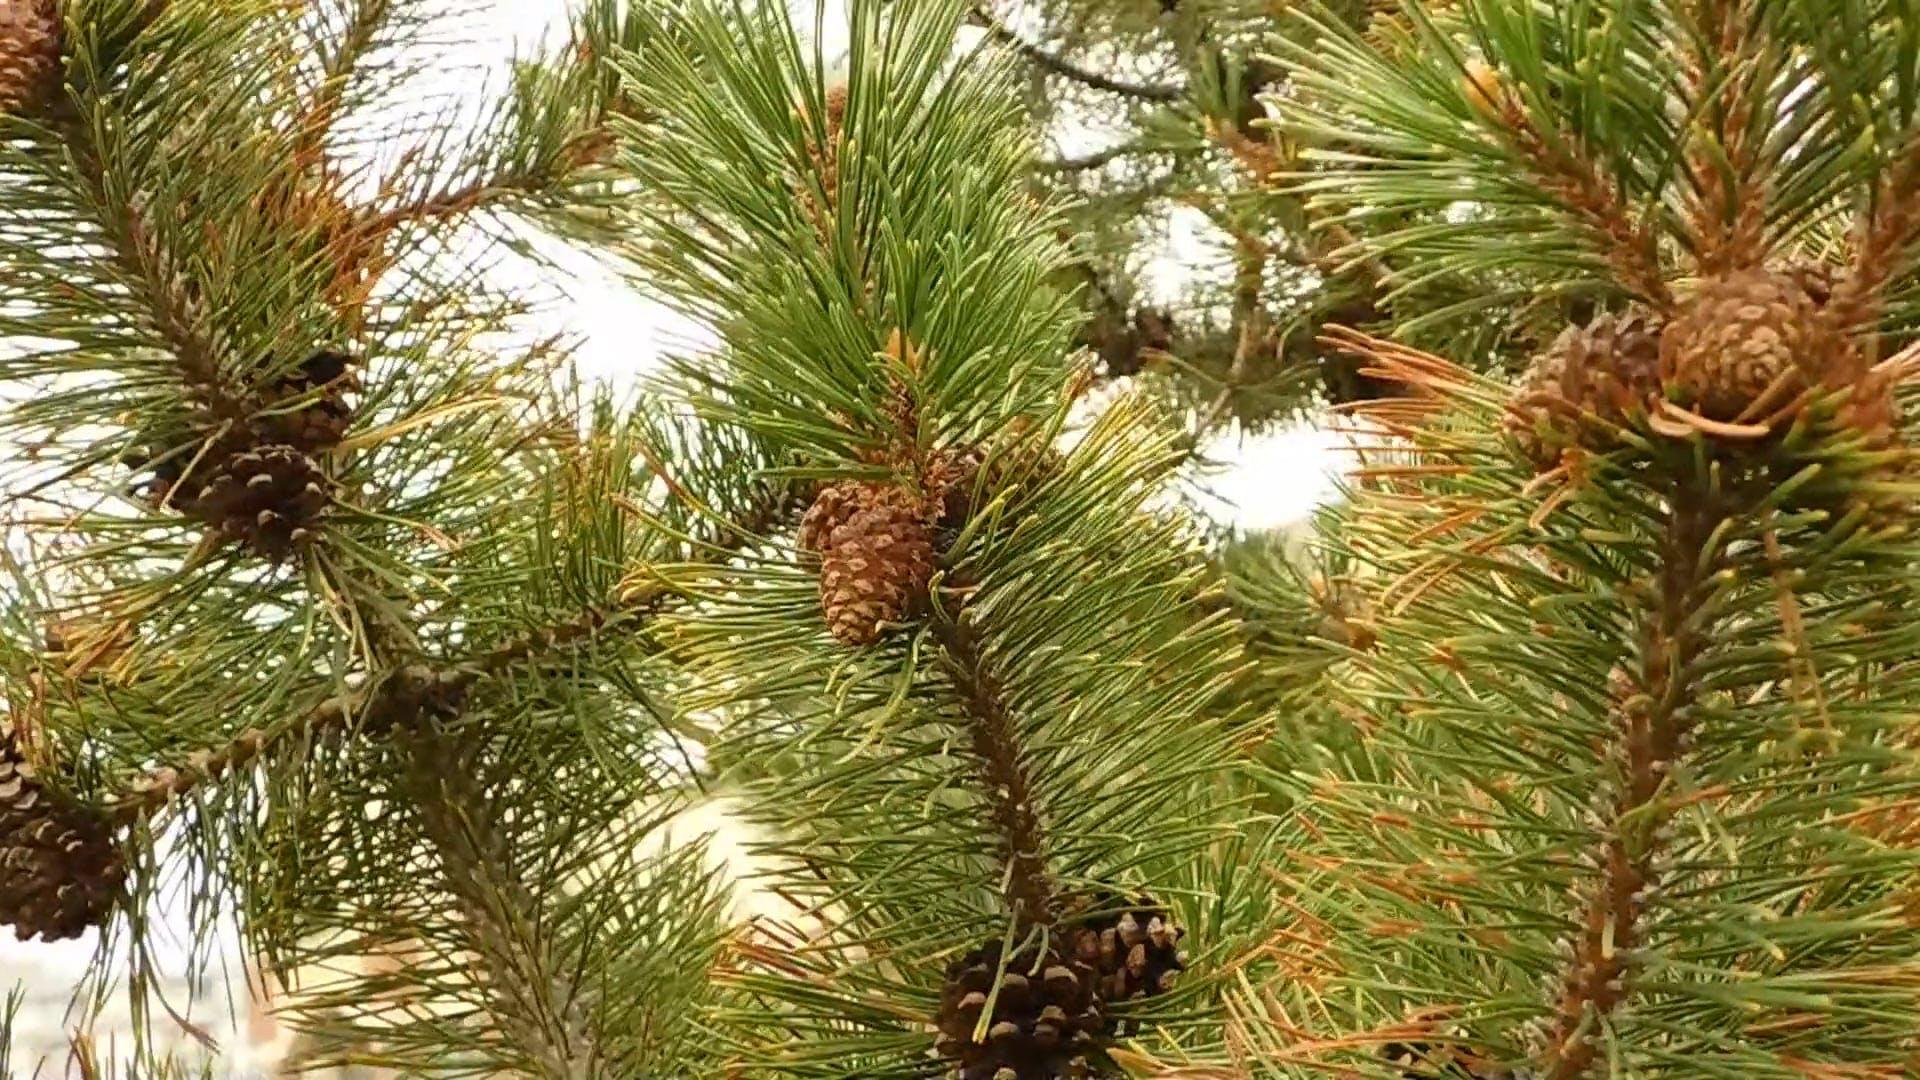 Long Needle Pine Tree With Acorns